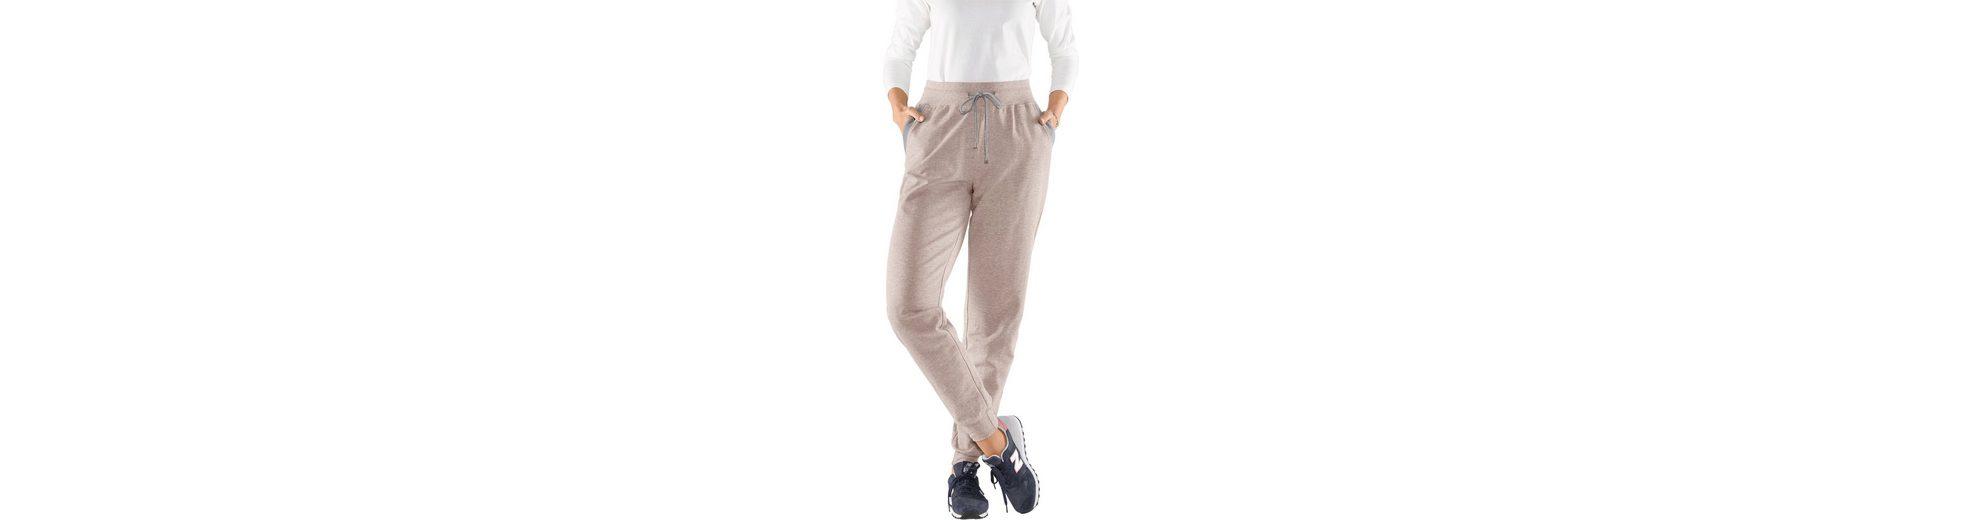 Sammlungen Online Collection L. Jersey-Hose mit Kordeldurchzug Günstig Kaufen Finish Bilder Zum Verkauf Billig Verkauf Footlocker Bilder Sast Online QH28y